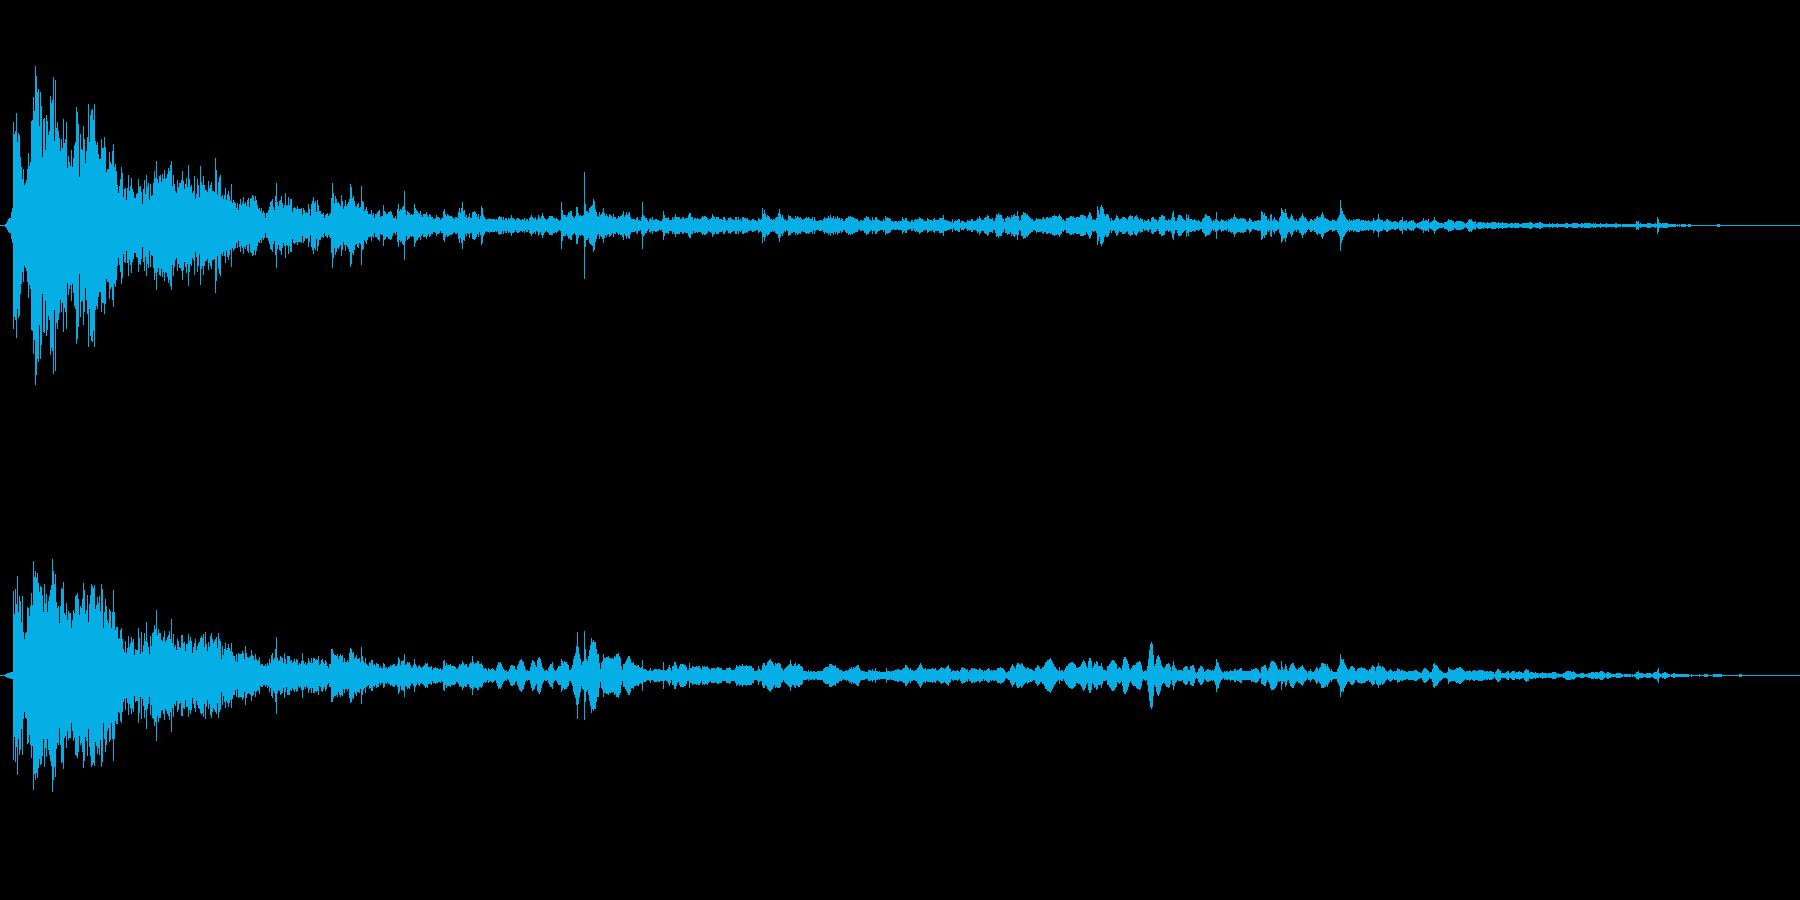 バシャーン!(勢いよく水の跳ねる音)の再生済みの波形